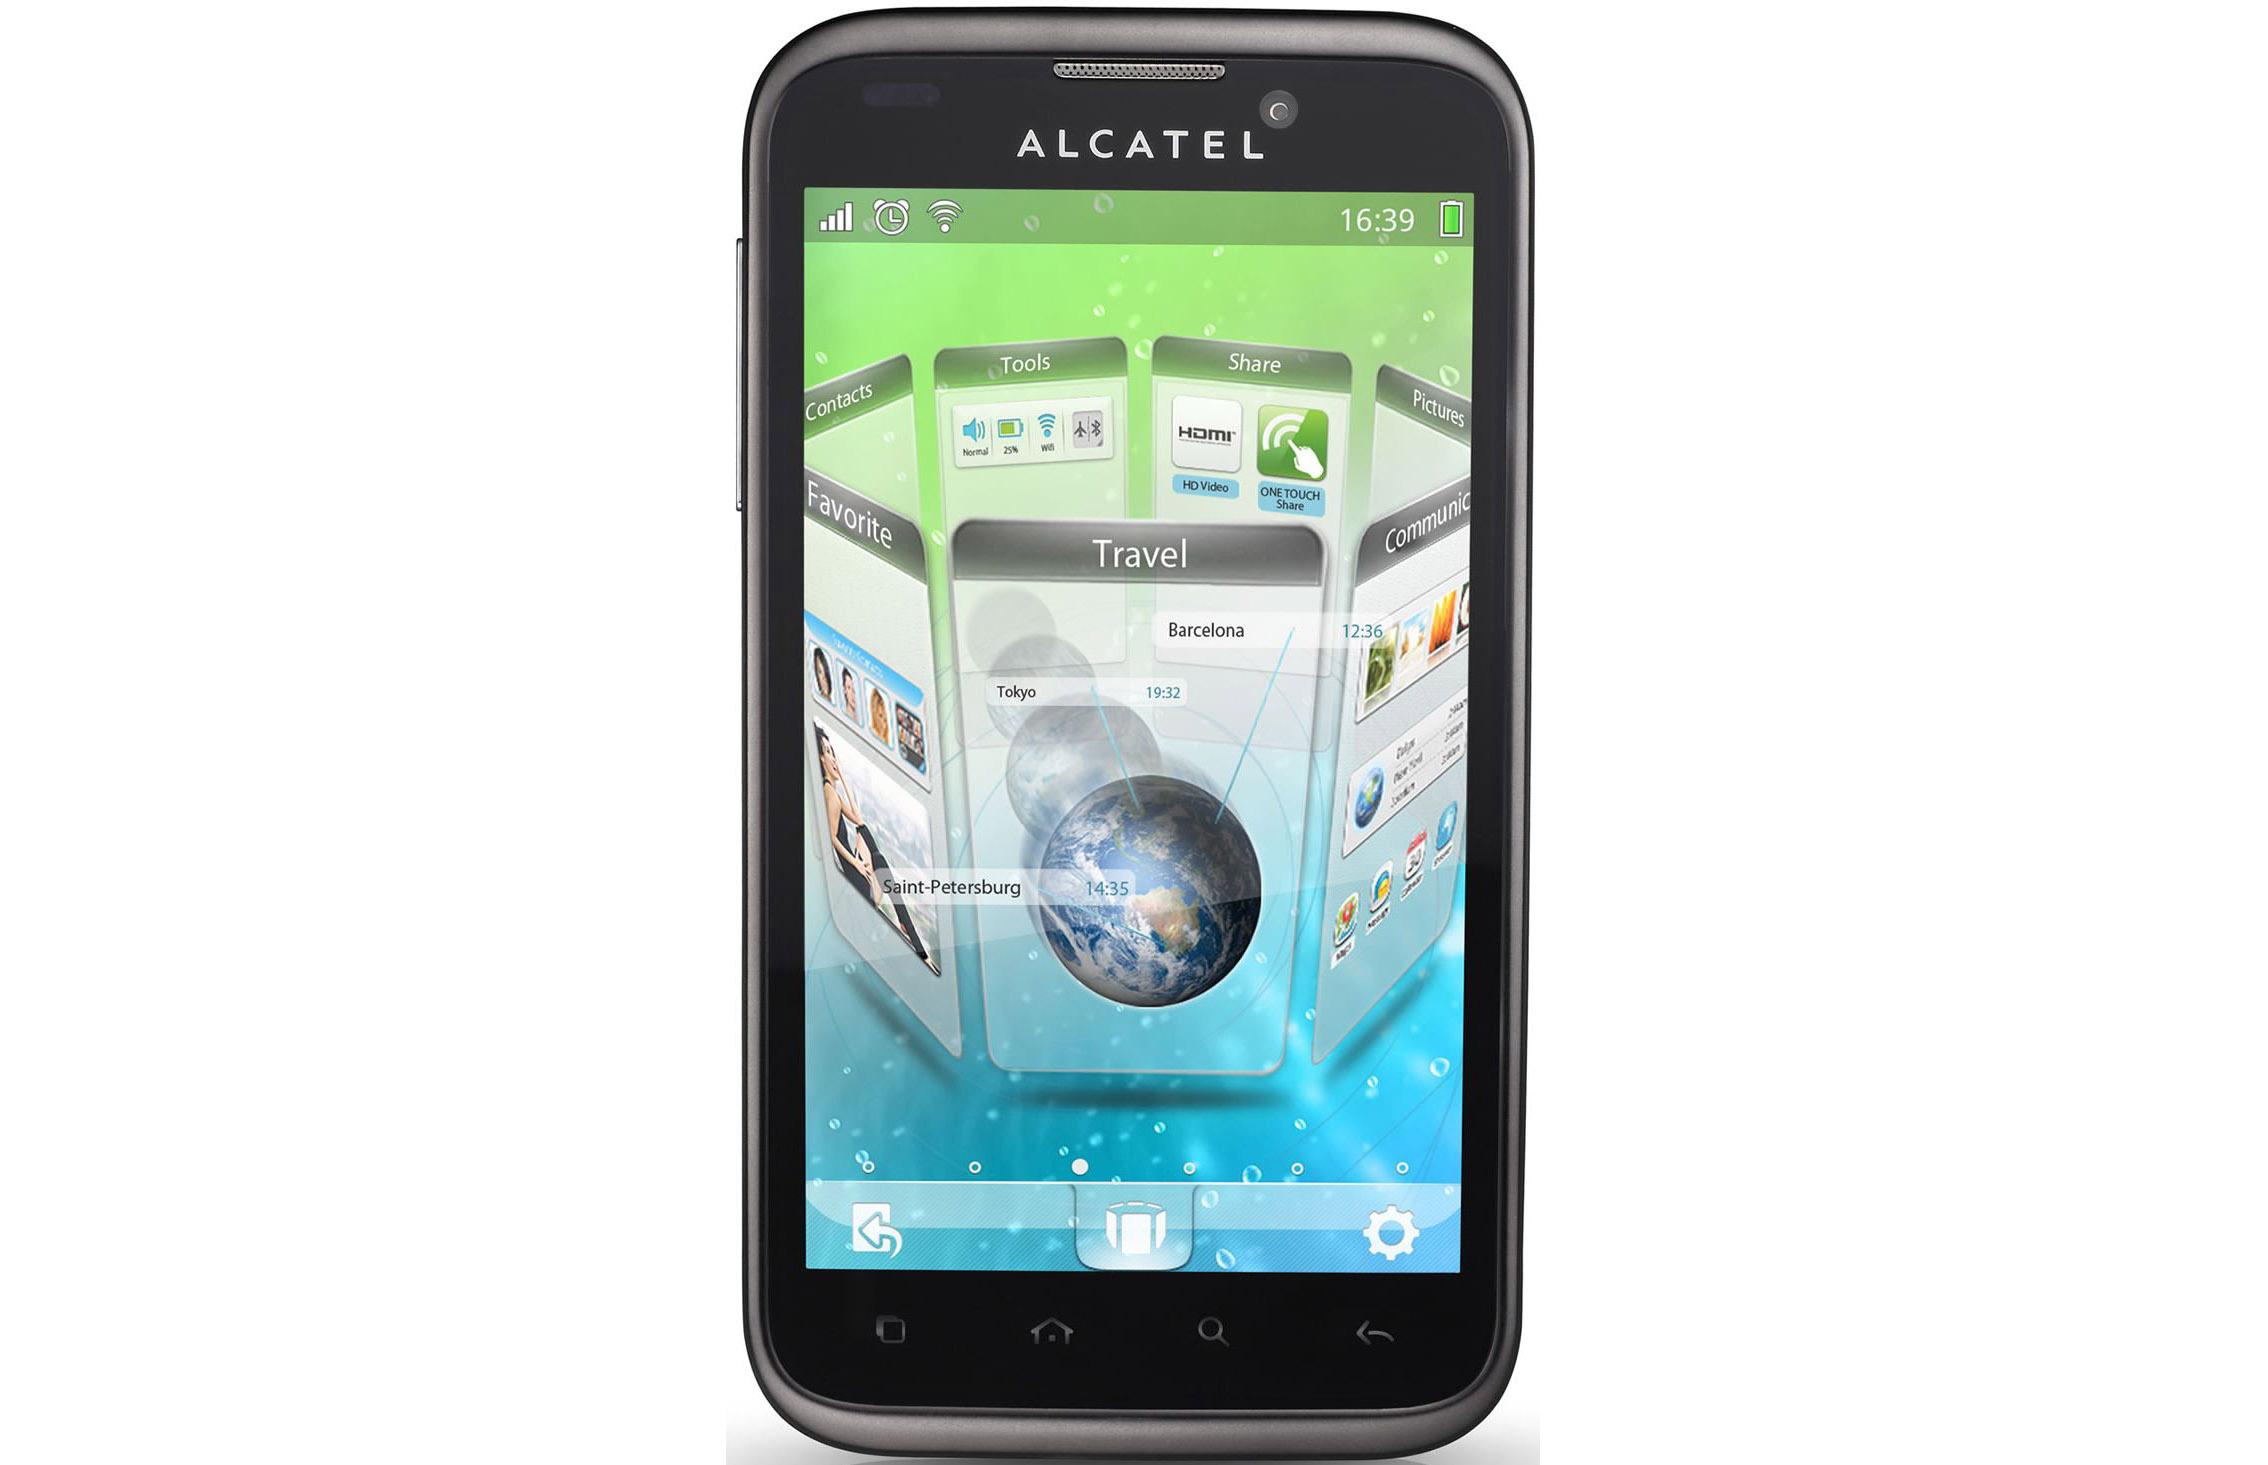 alcatel-ot-995_1336545953